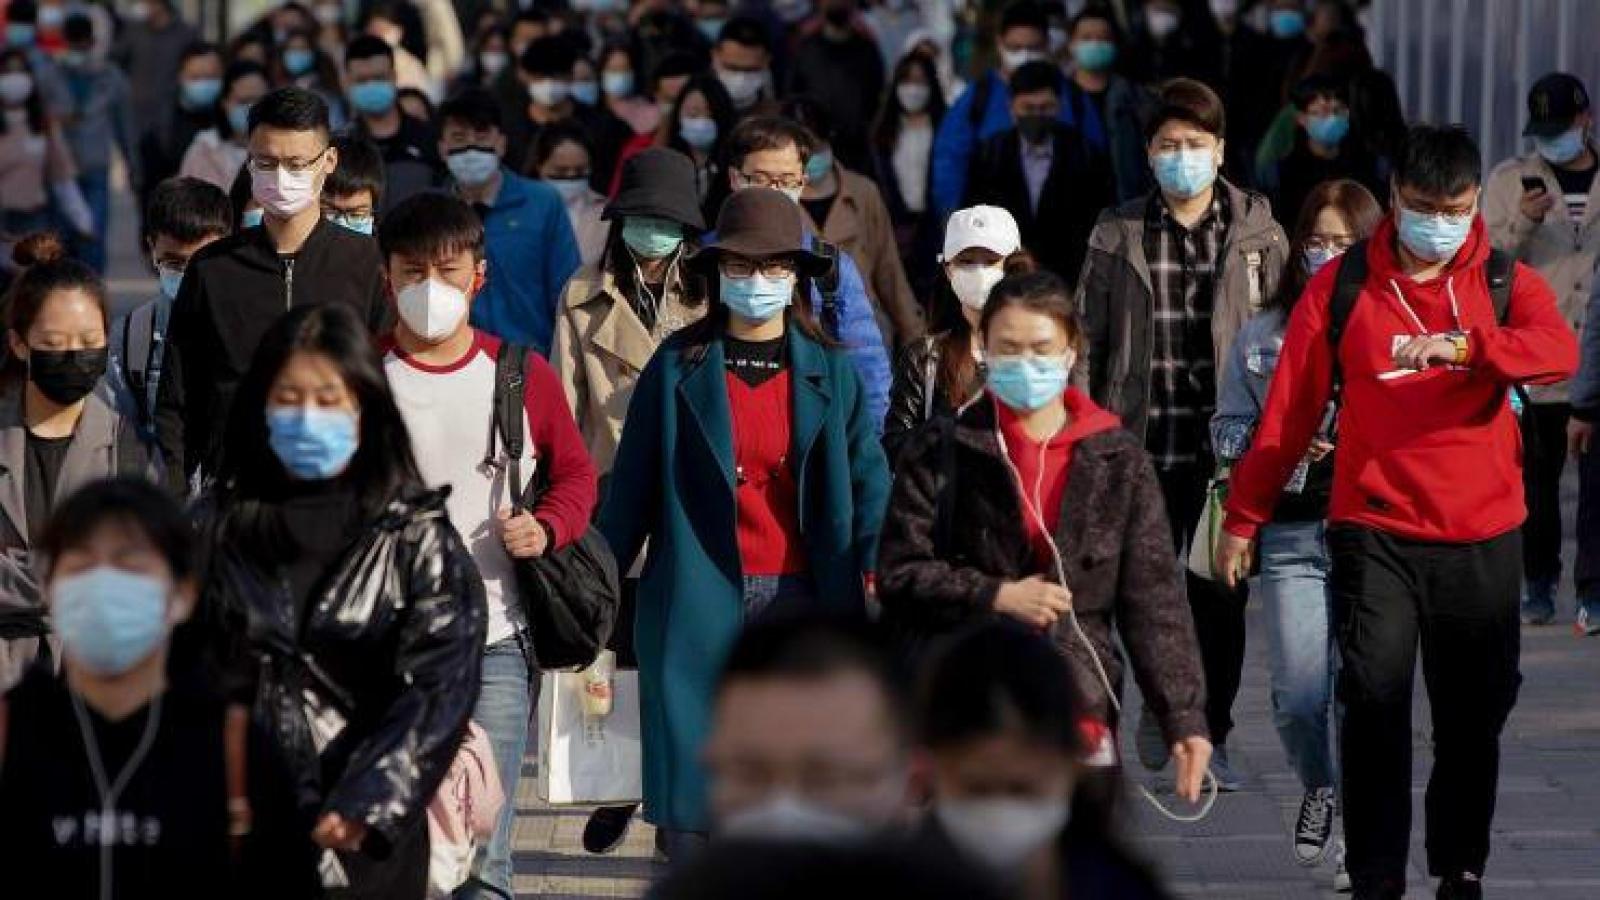 Các ca Covid-19 trong cộng đồng ở Trung Quốc chưa có dấu hiệu dừng lại